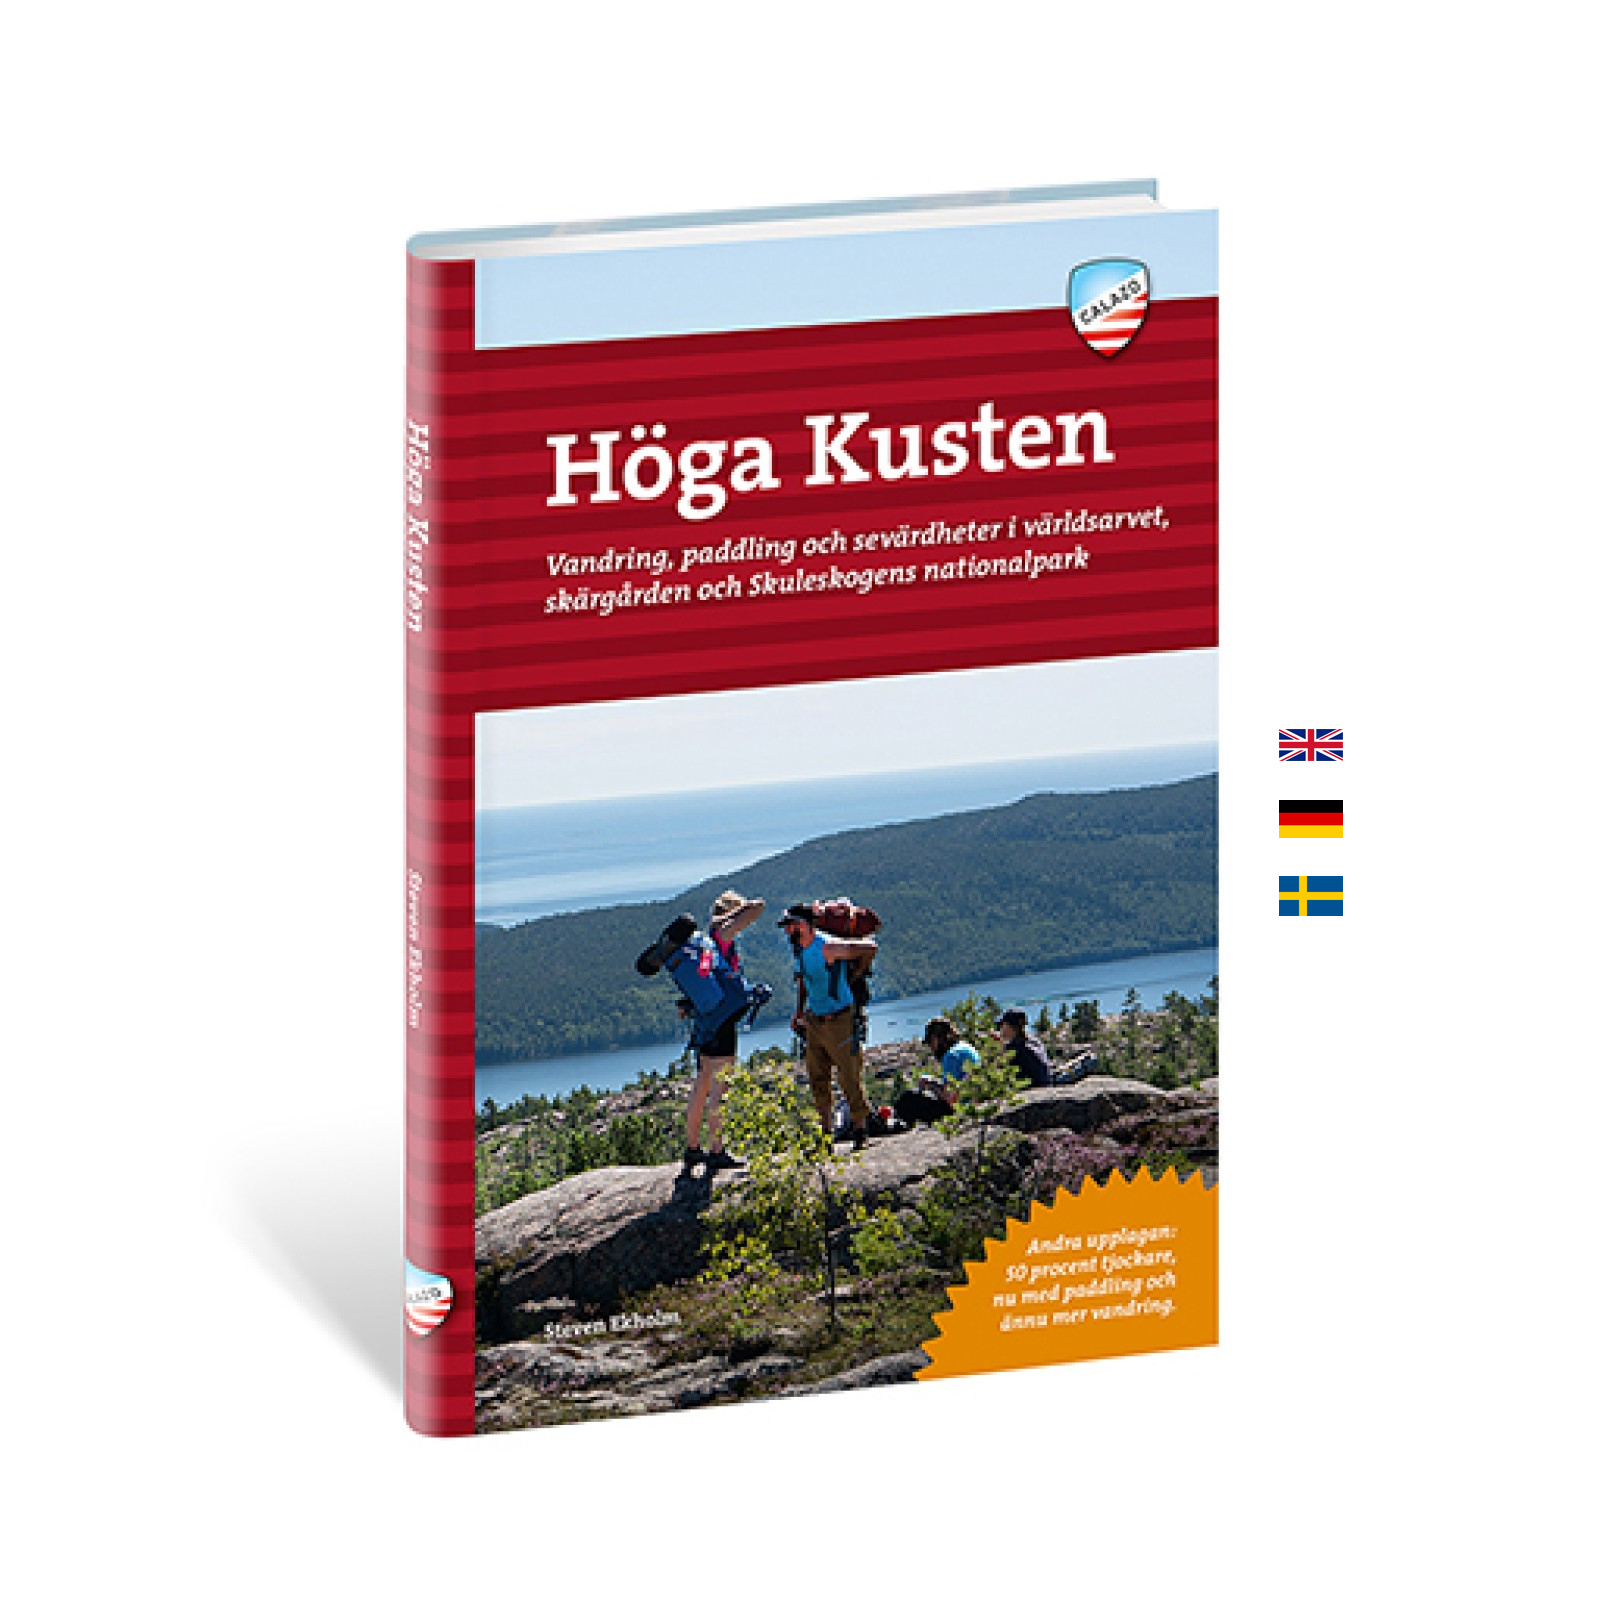 Höga Kusten - vandring, paddling och sevärdheter